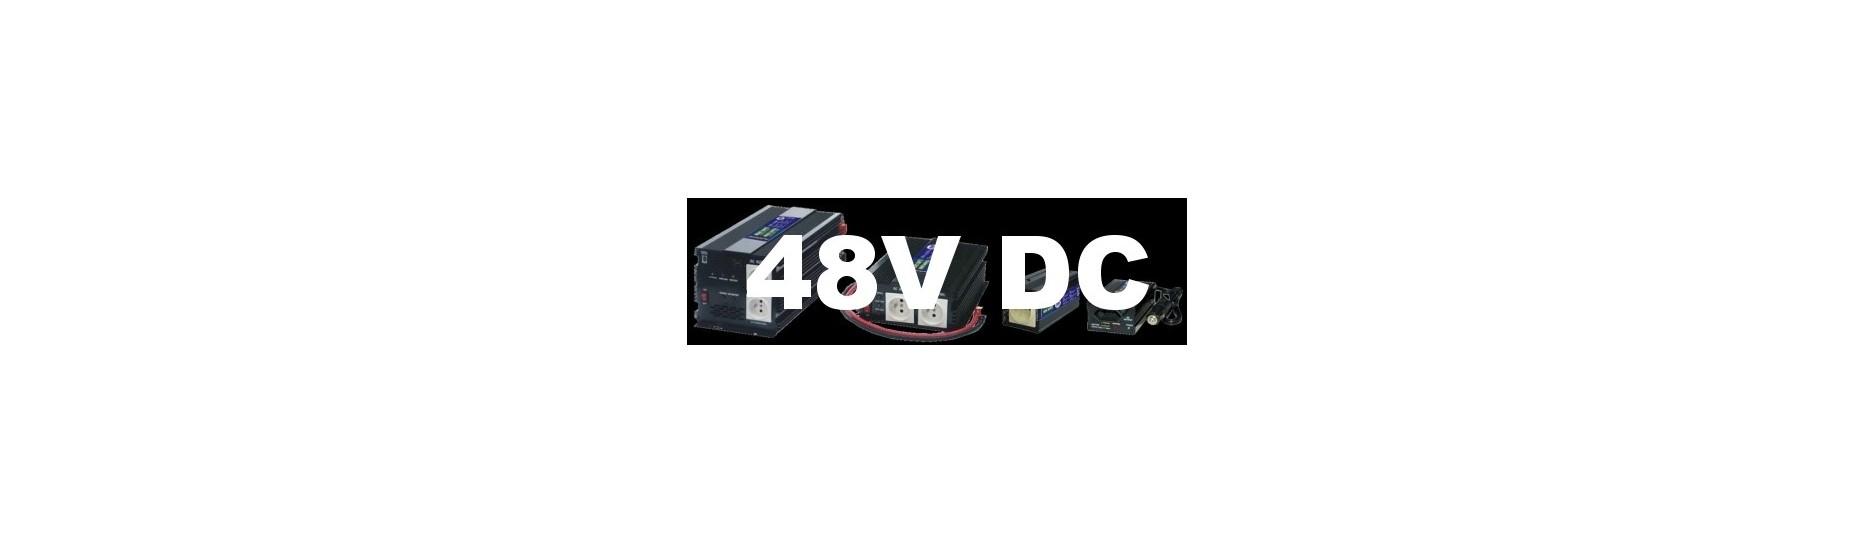 Měniče, invertory AC/DC na 48V